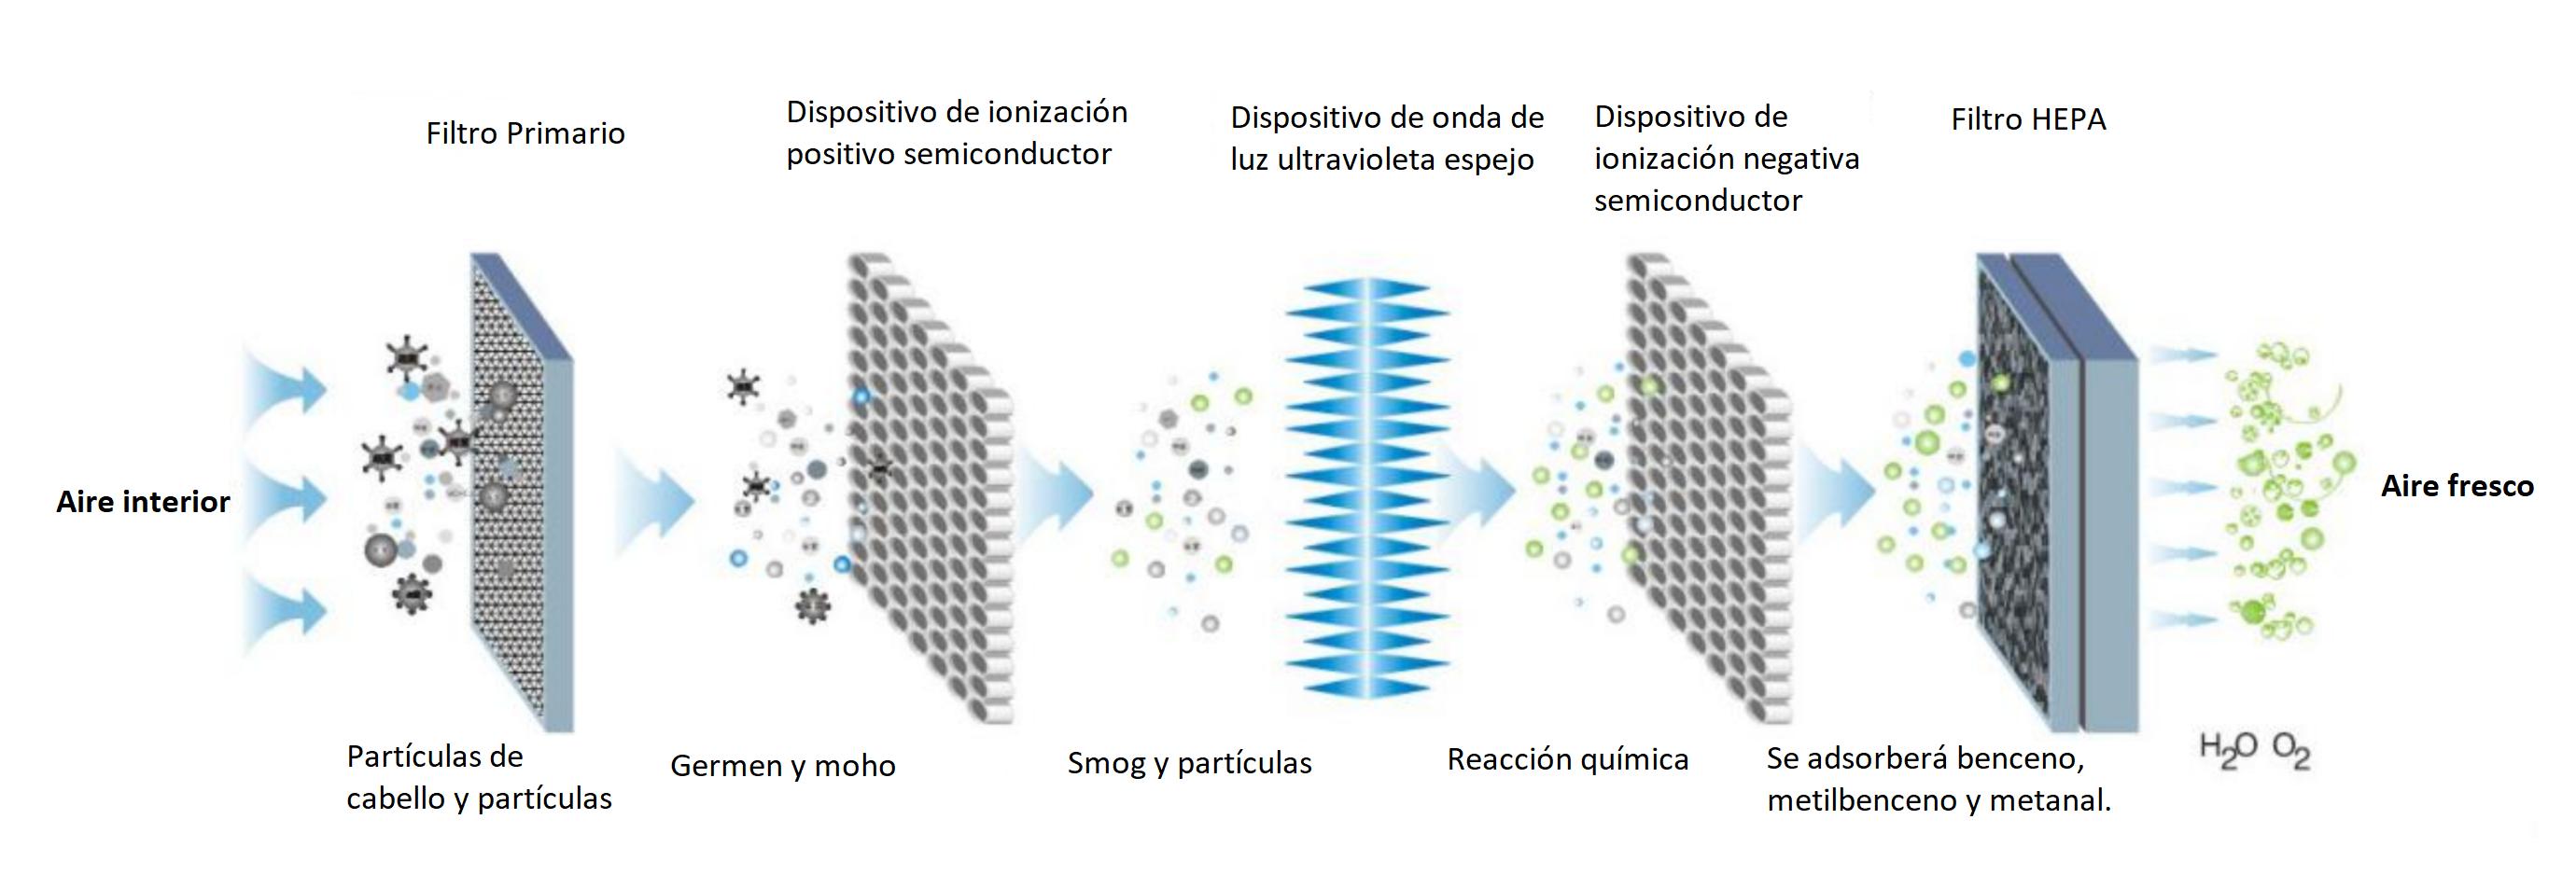 Gráfico del sistema de purificación de aire.